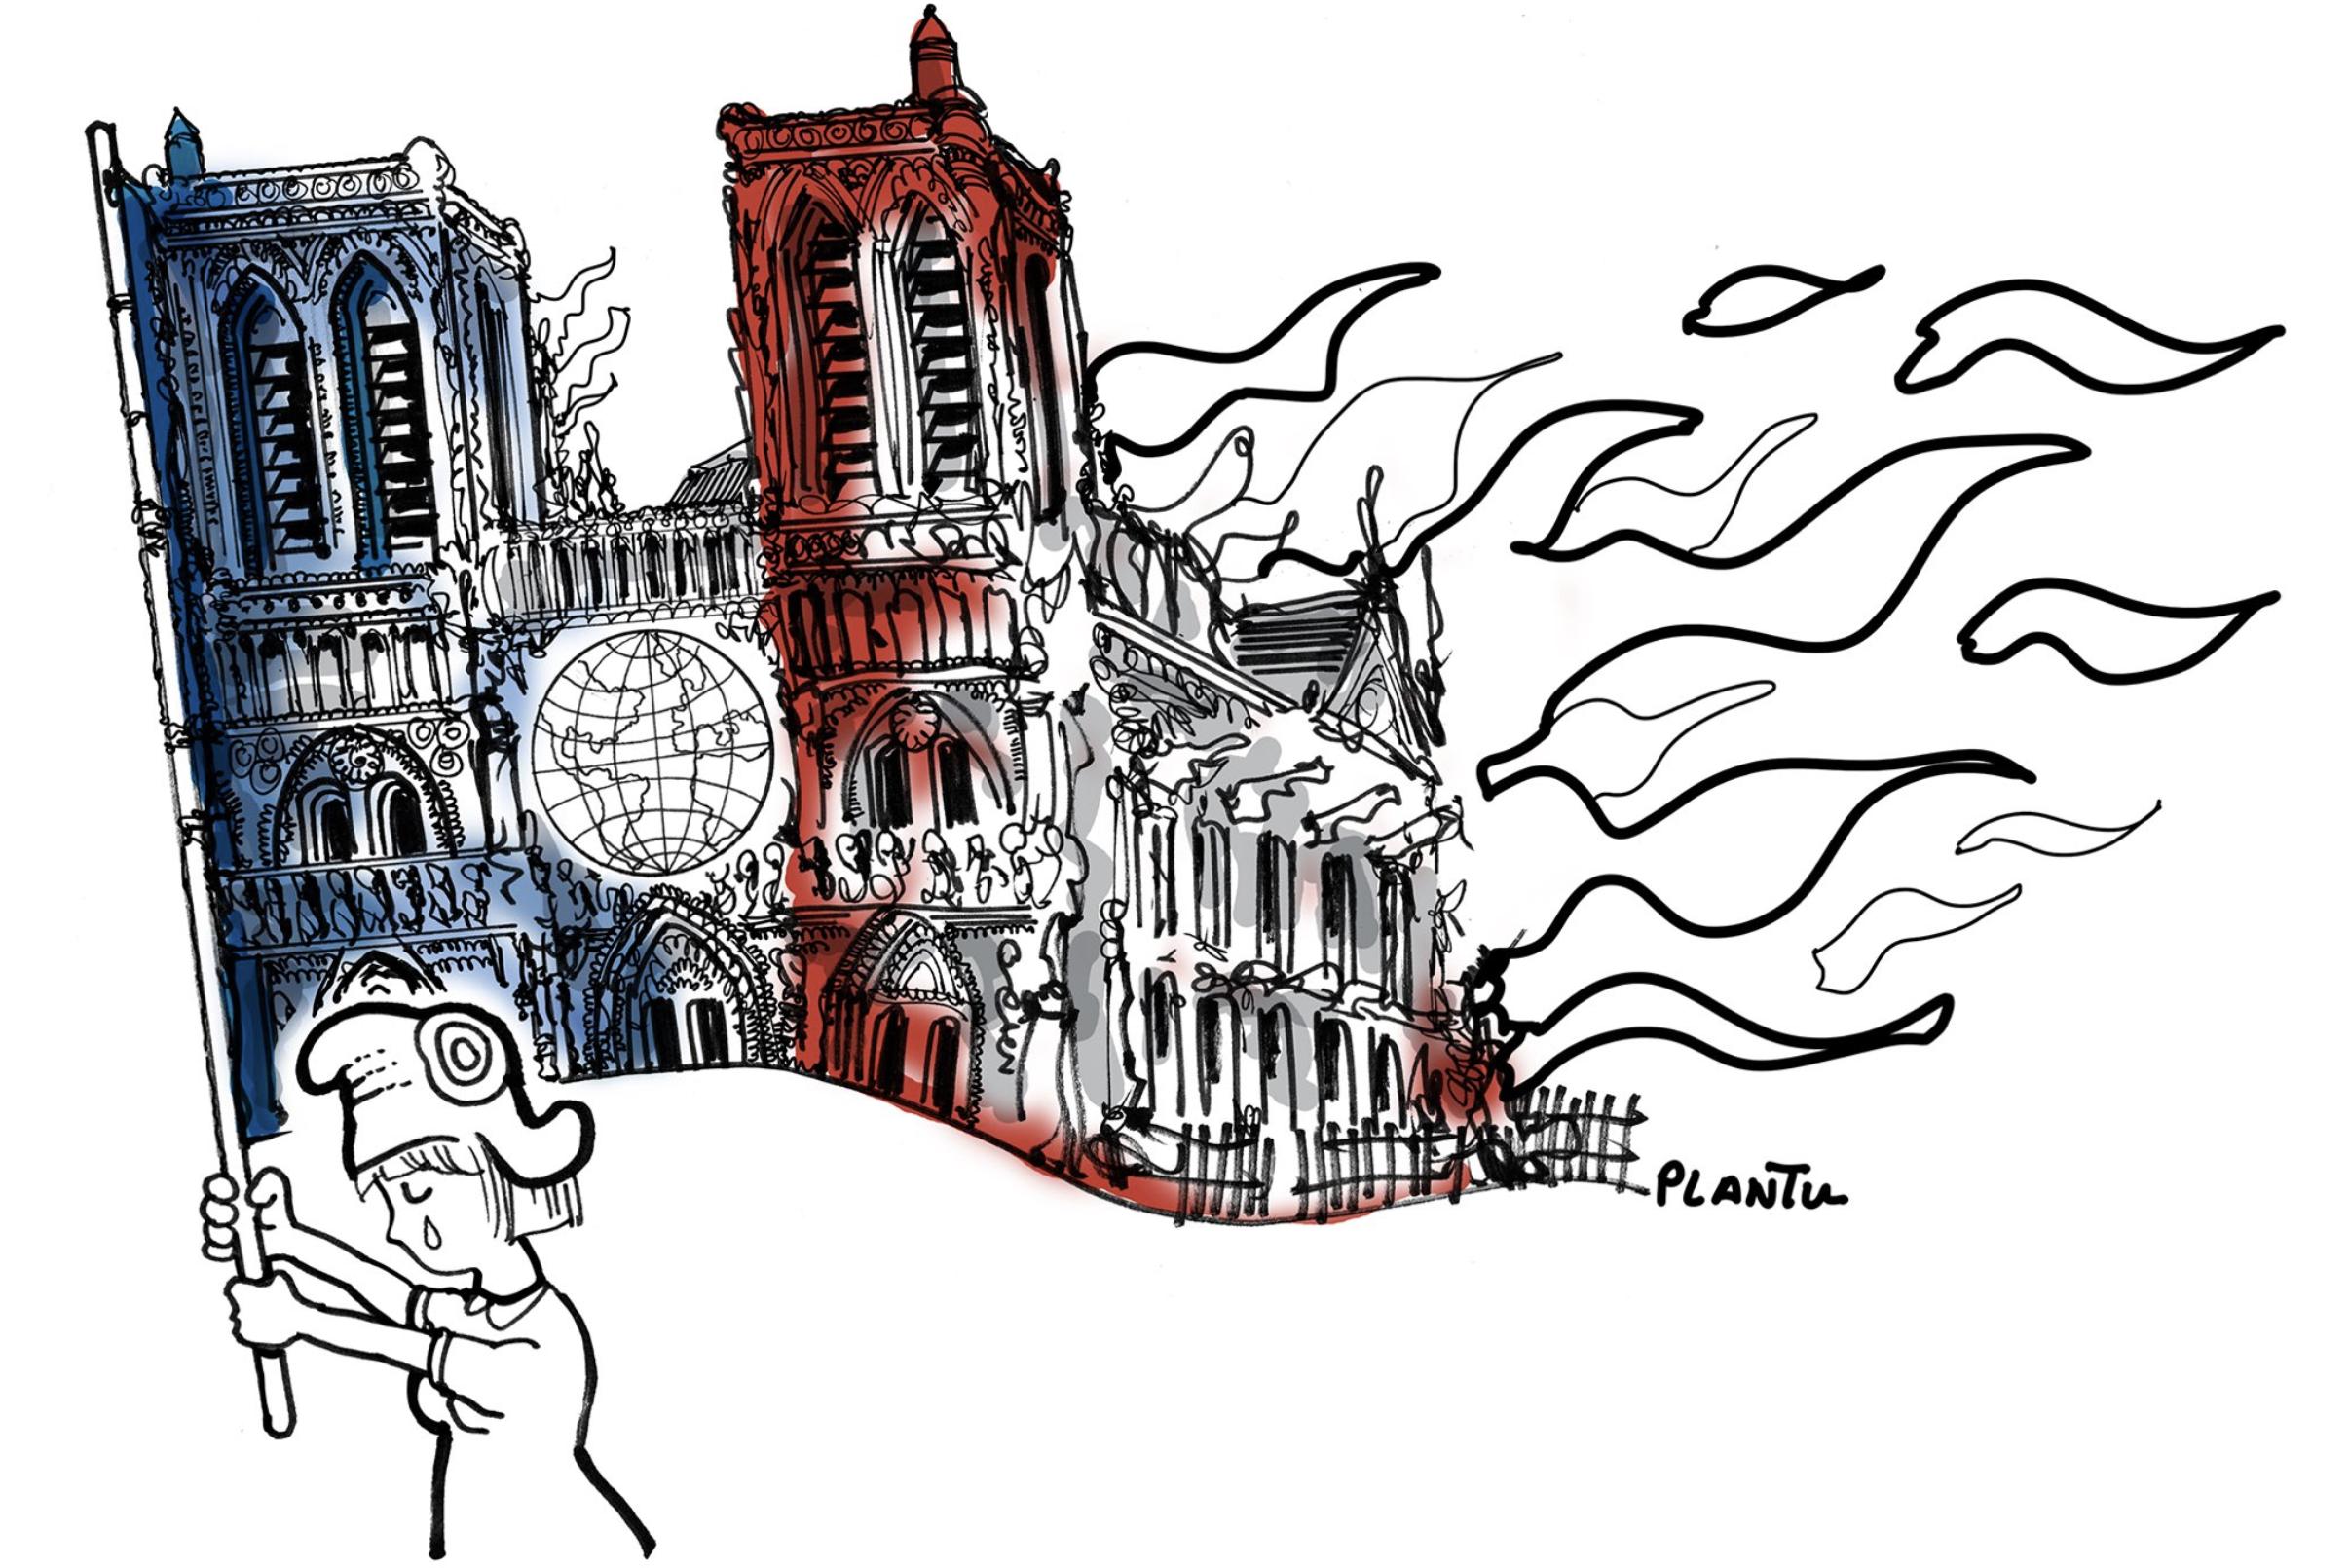 Hommage à Notre Dame de Paris Notre-dame-illustrations-hommage-incendie-11